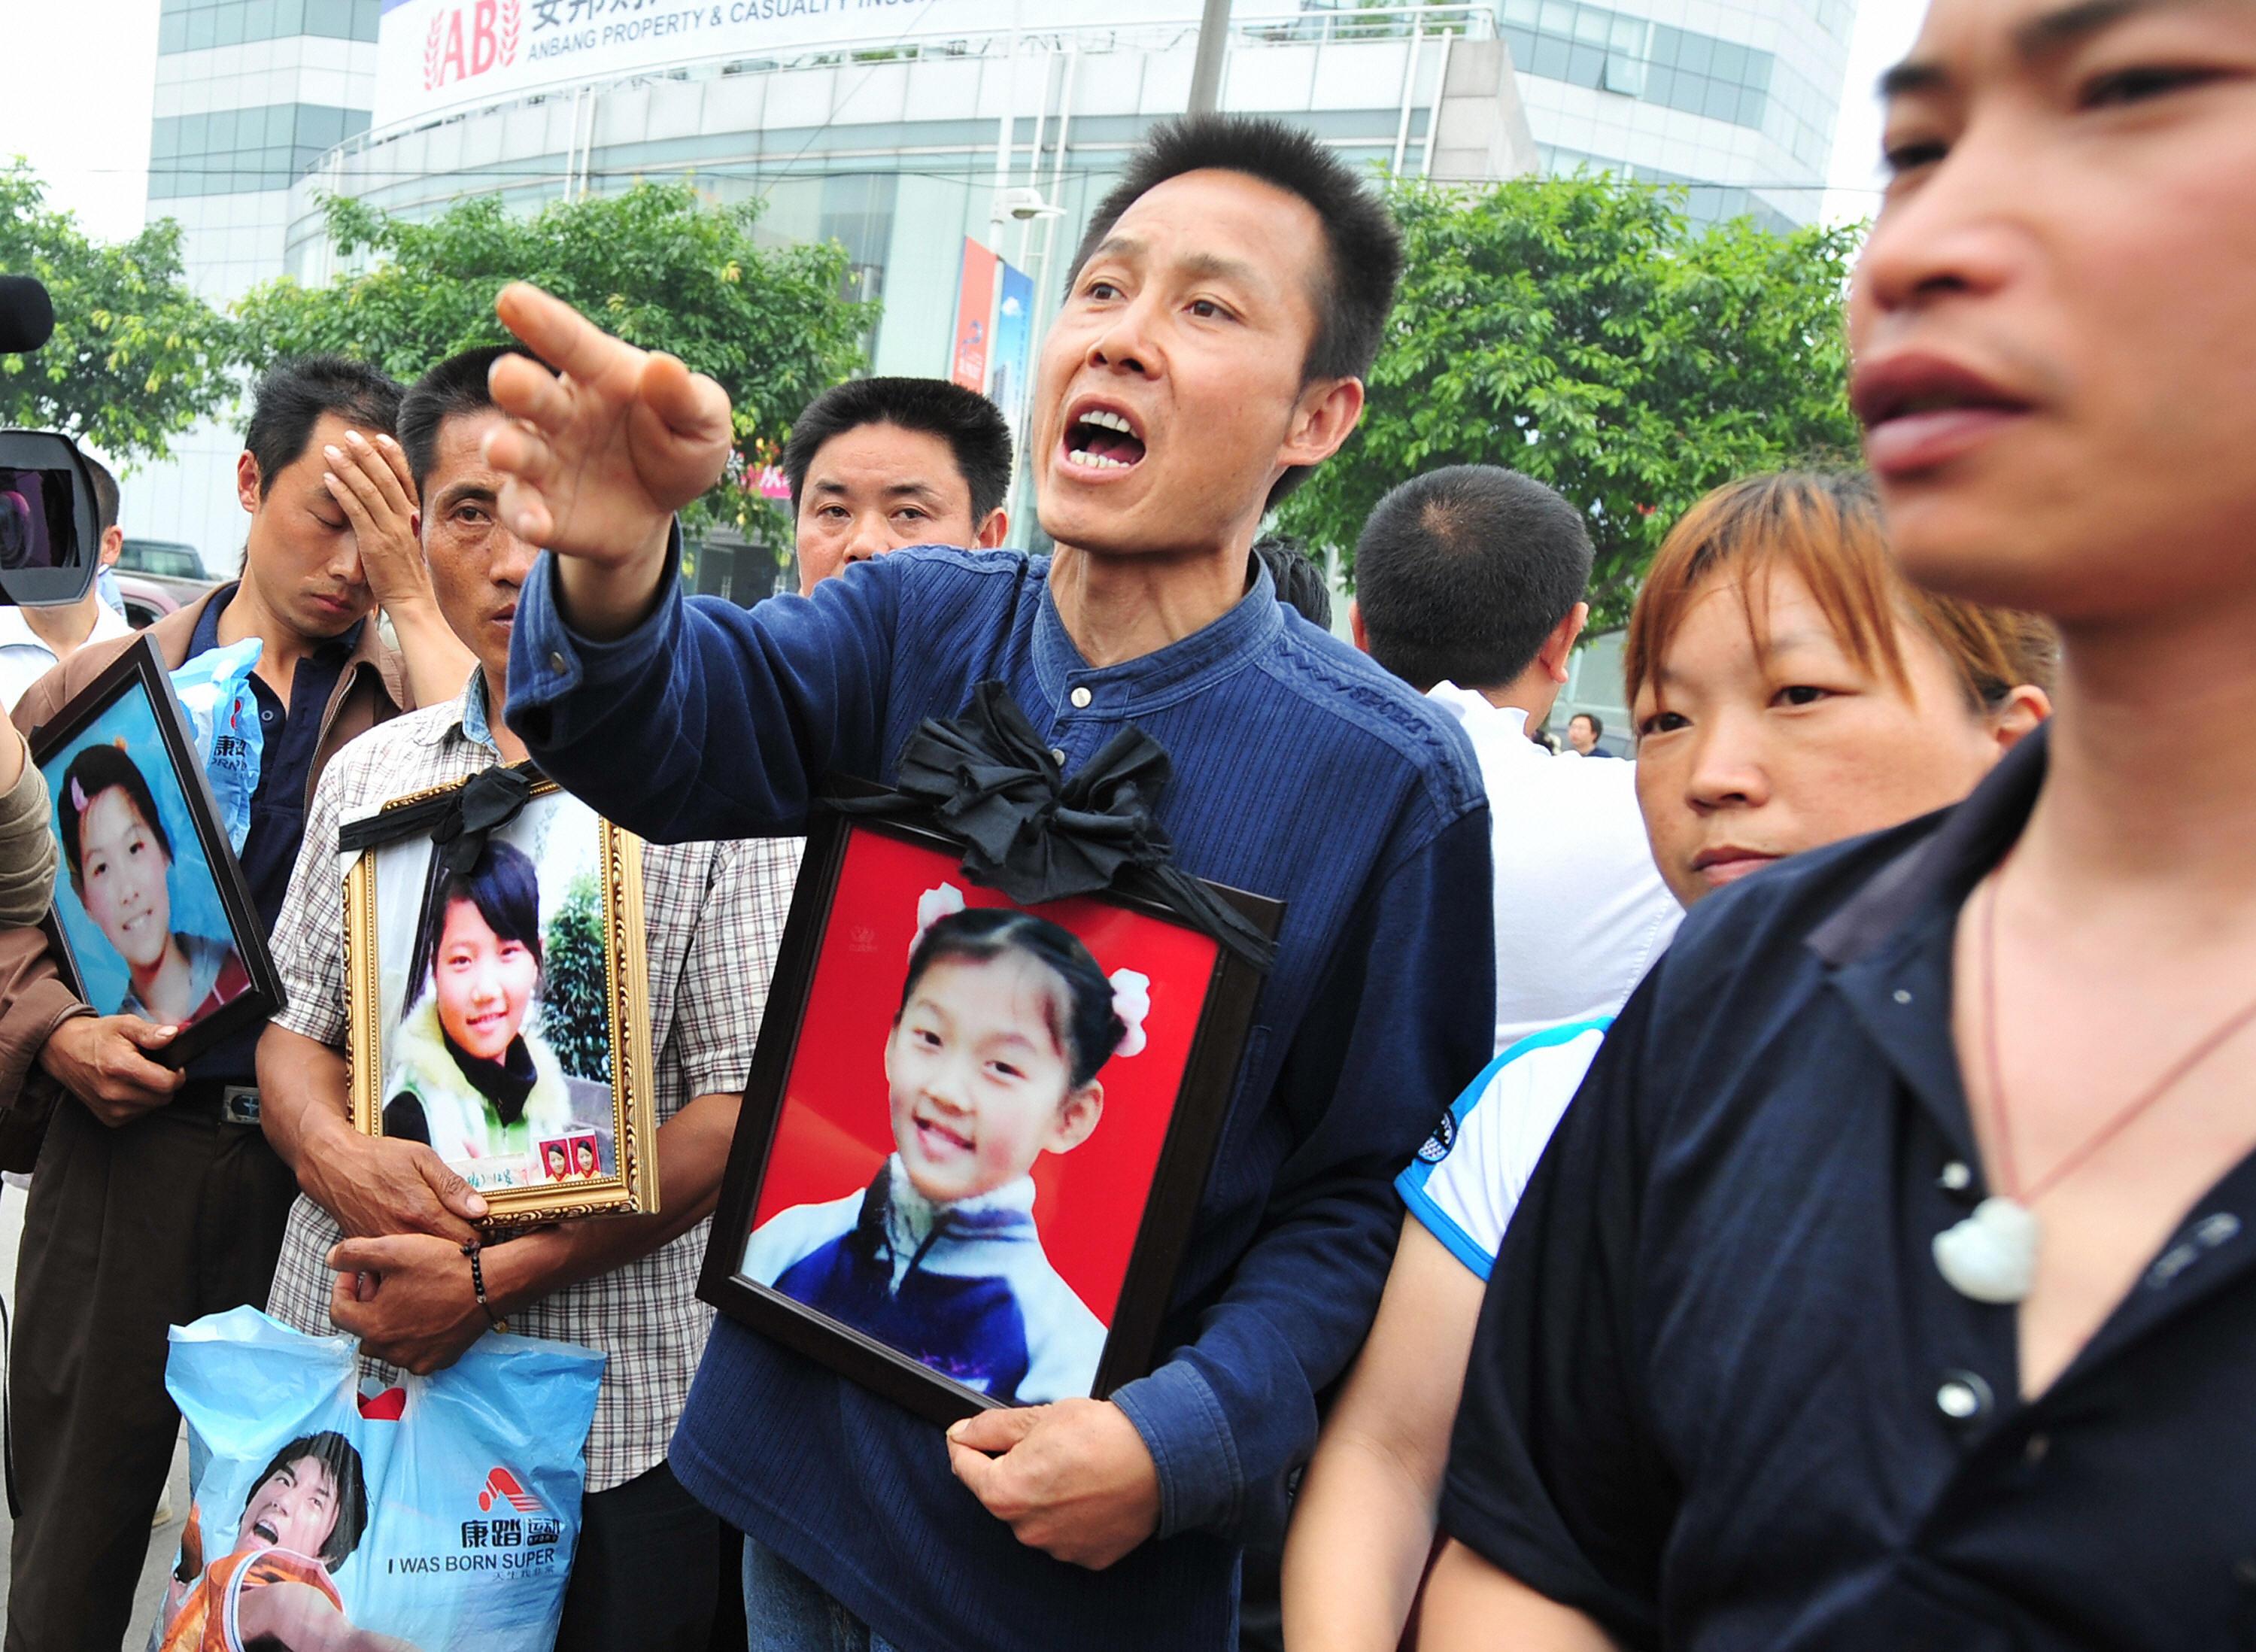 Скорбящие родители держат портреты погибших детей во время протеста в Дэяне 25 мая 2008 г. Фото: Frederic J. Brown/AFP/Getty Images